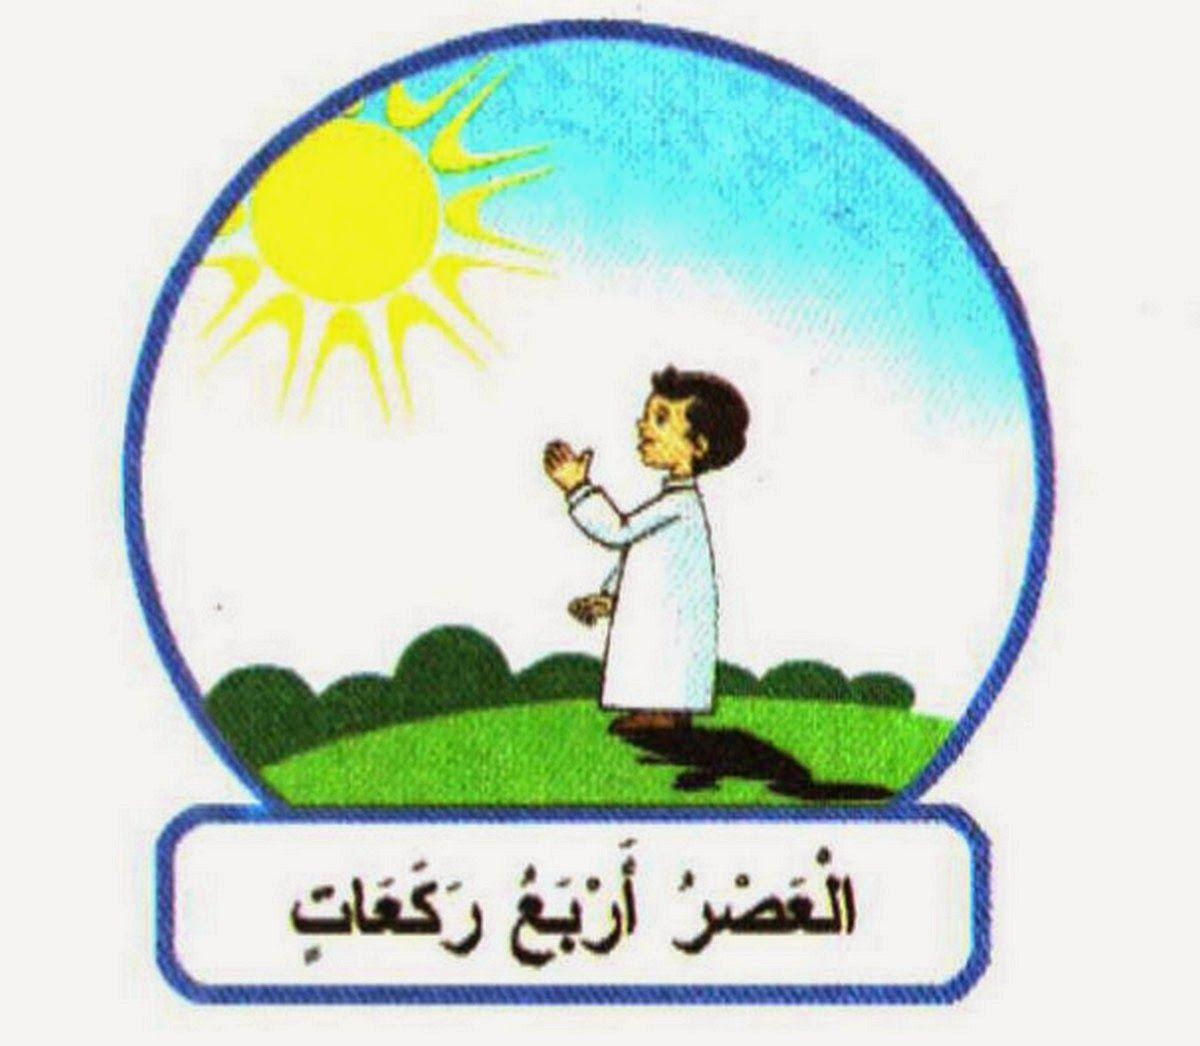 مدرستك الصلوات الخمس لتزيين فصولكم رابط التحميل Muslim Kids Islam For Kids Colouring Pages